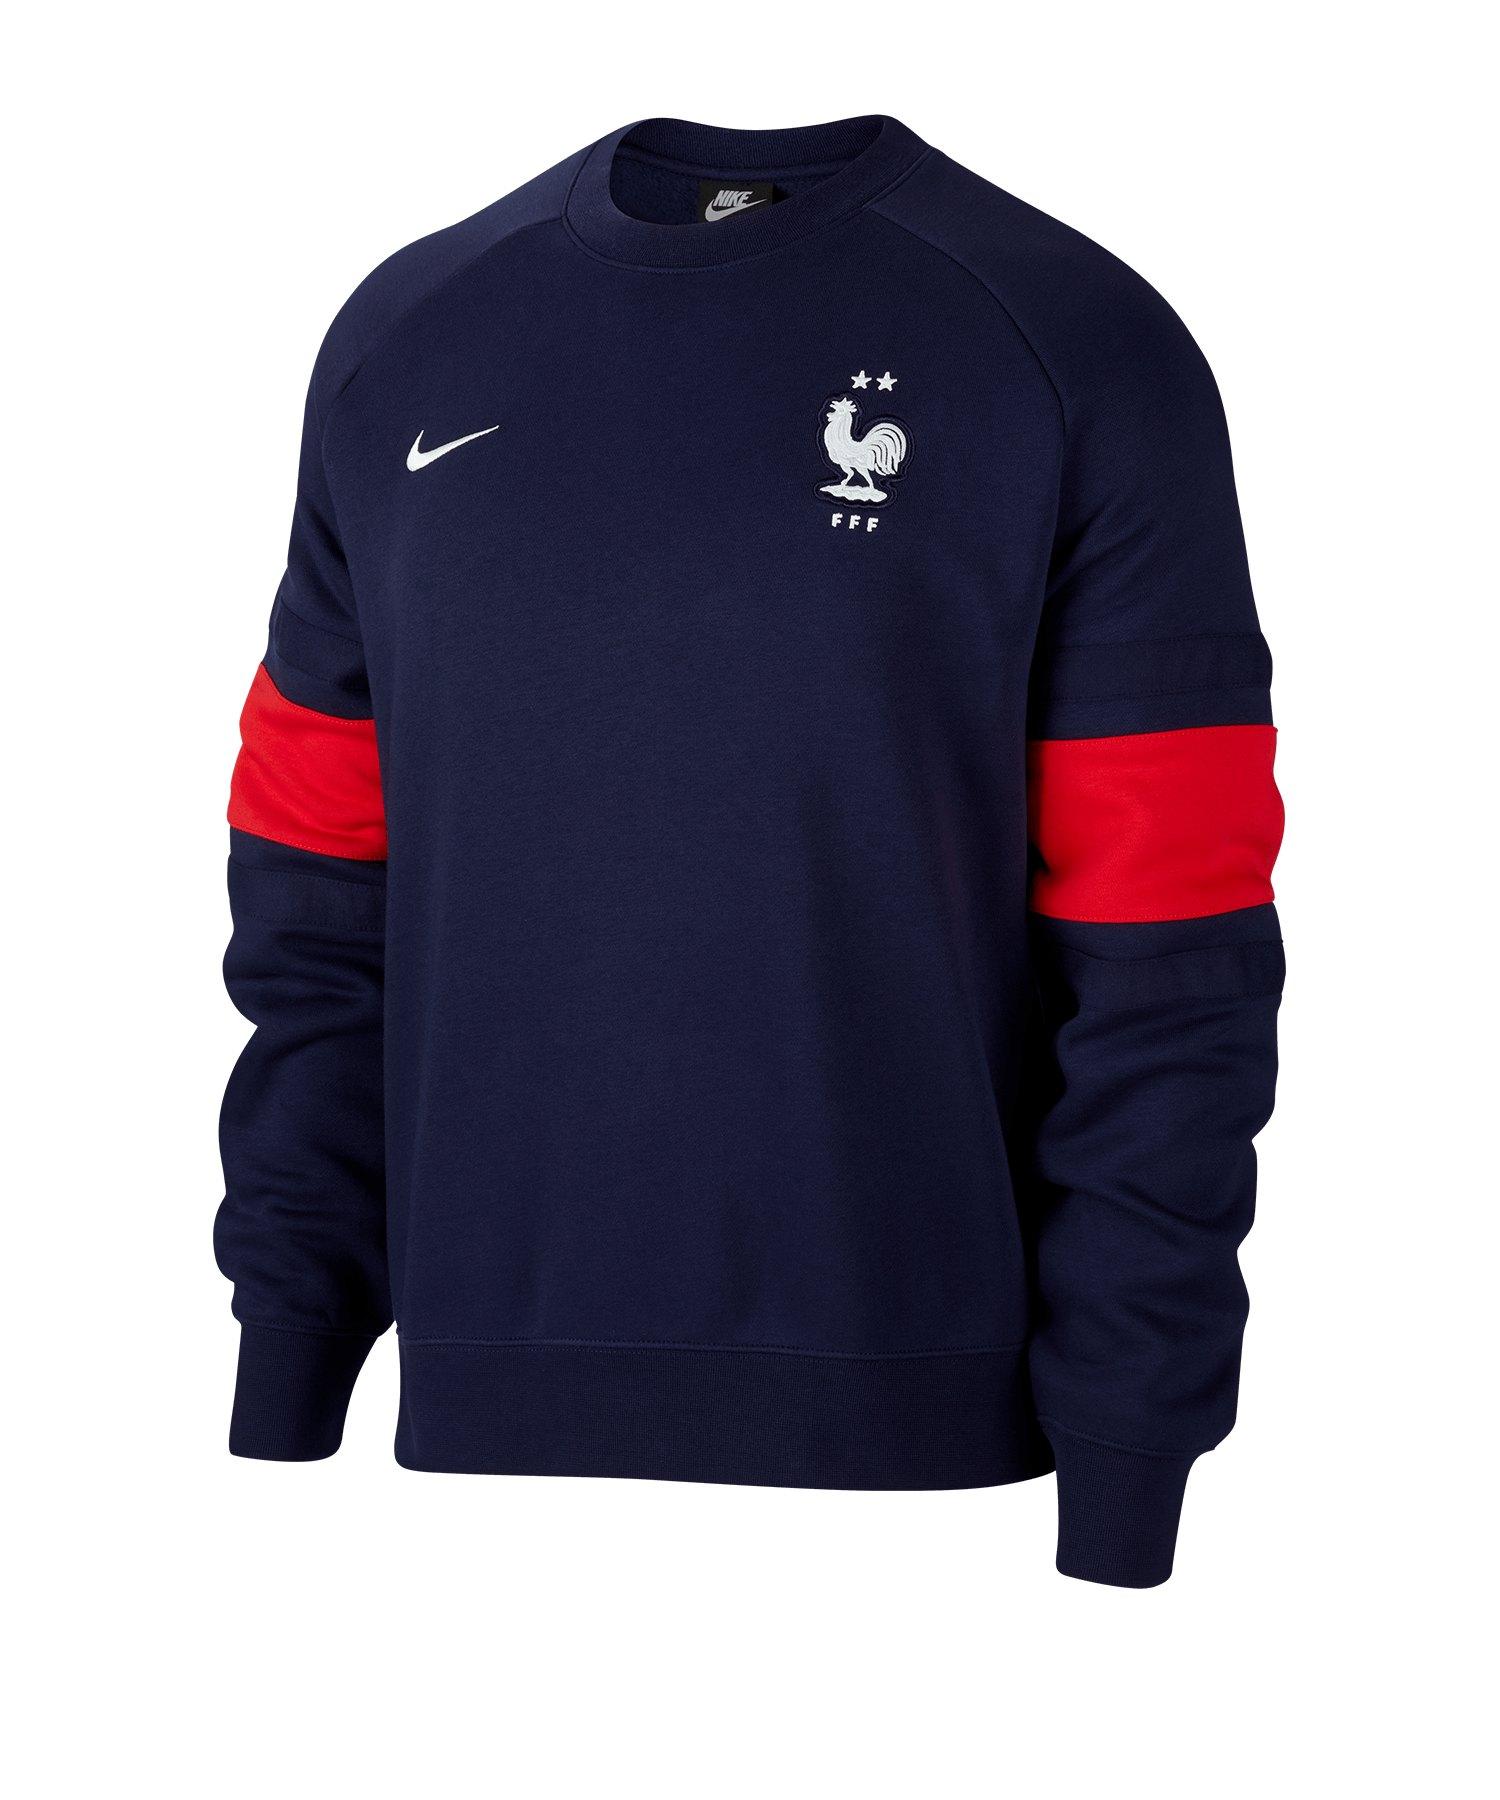 Nike Frankreich Air Crew Sweatshirt Blau F498 - blau